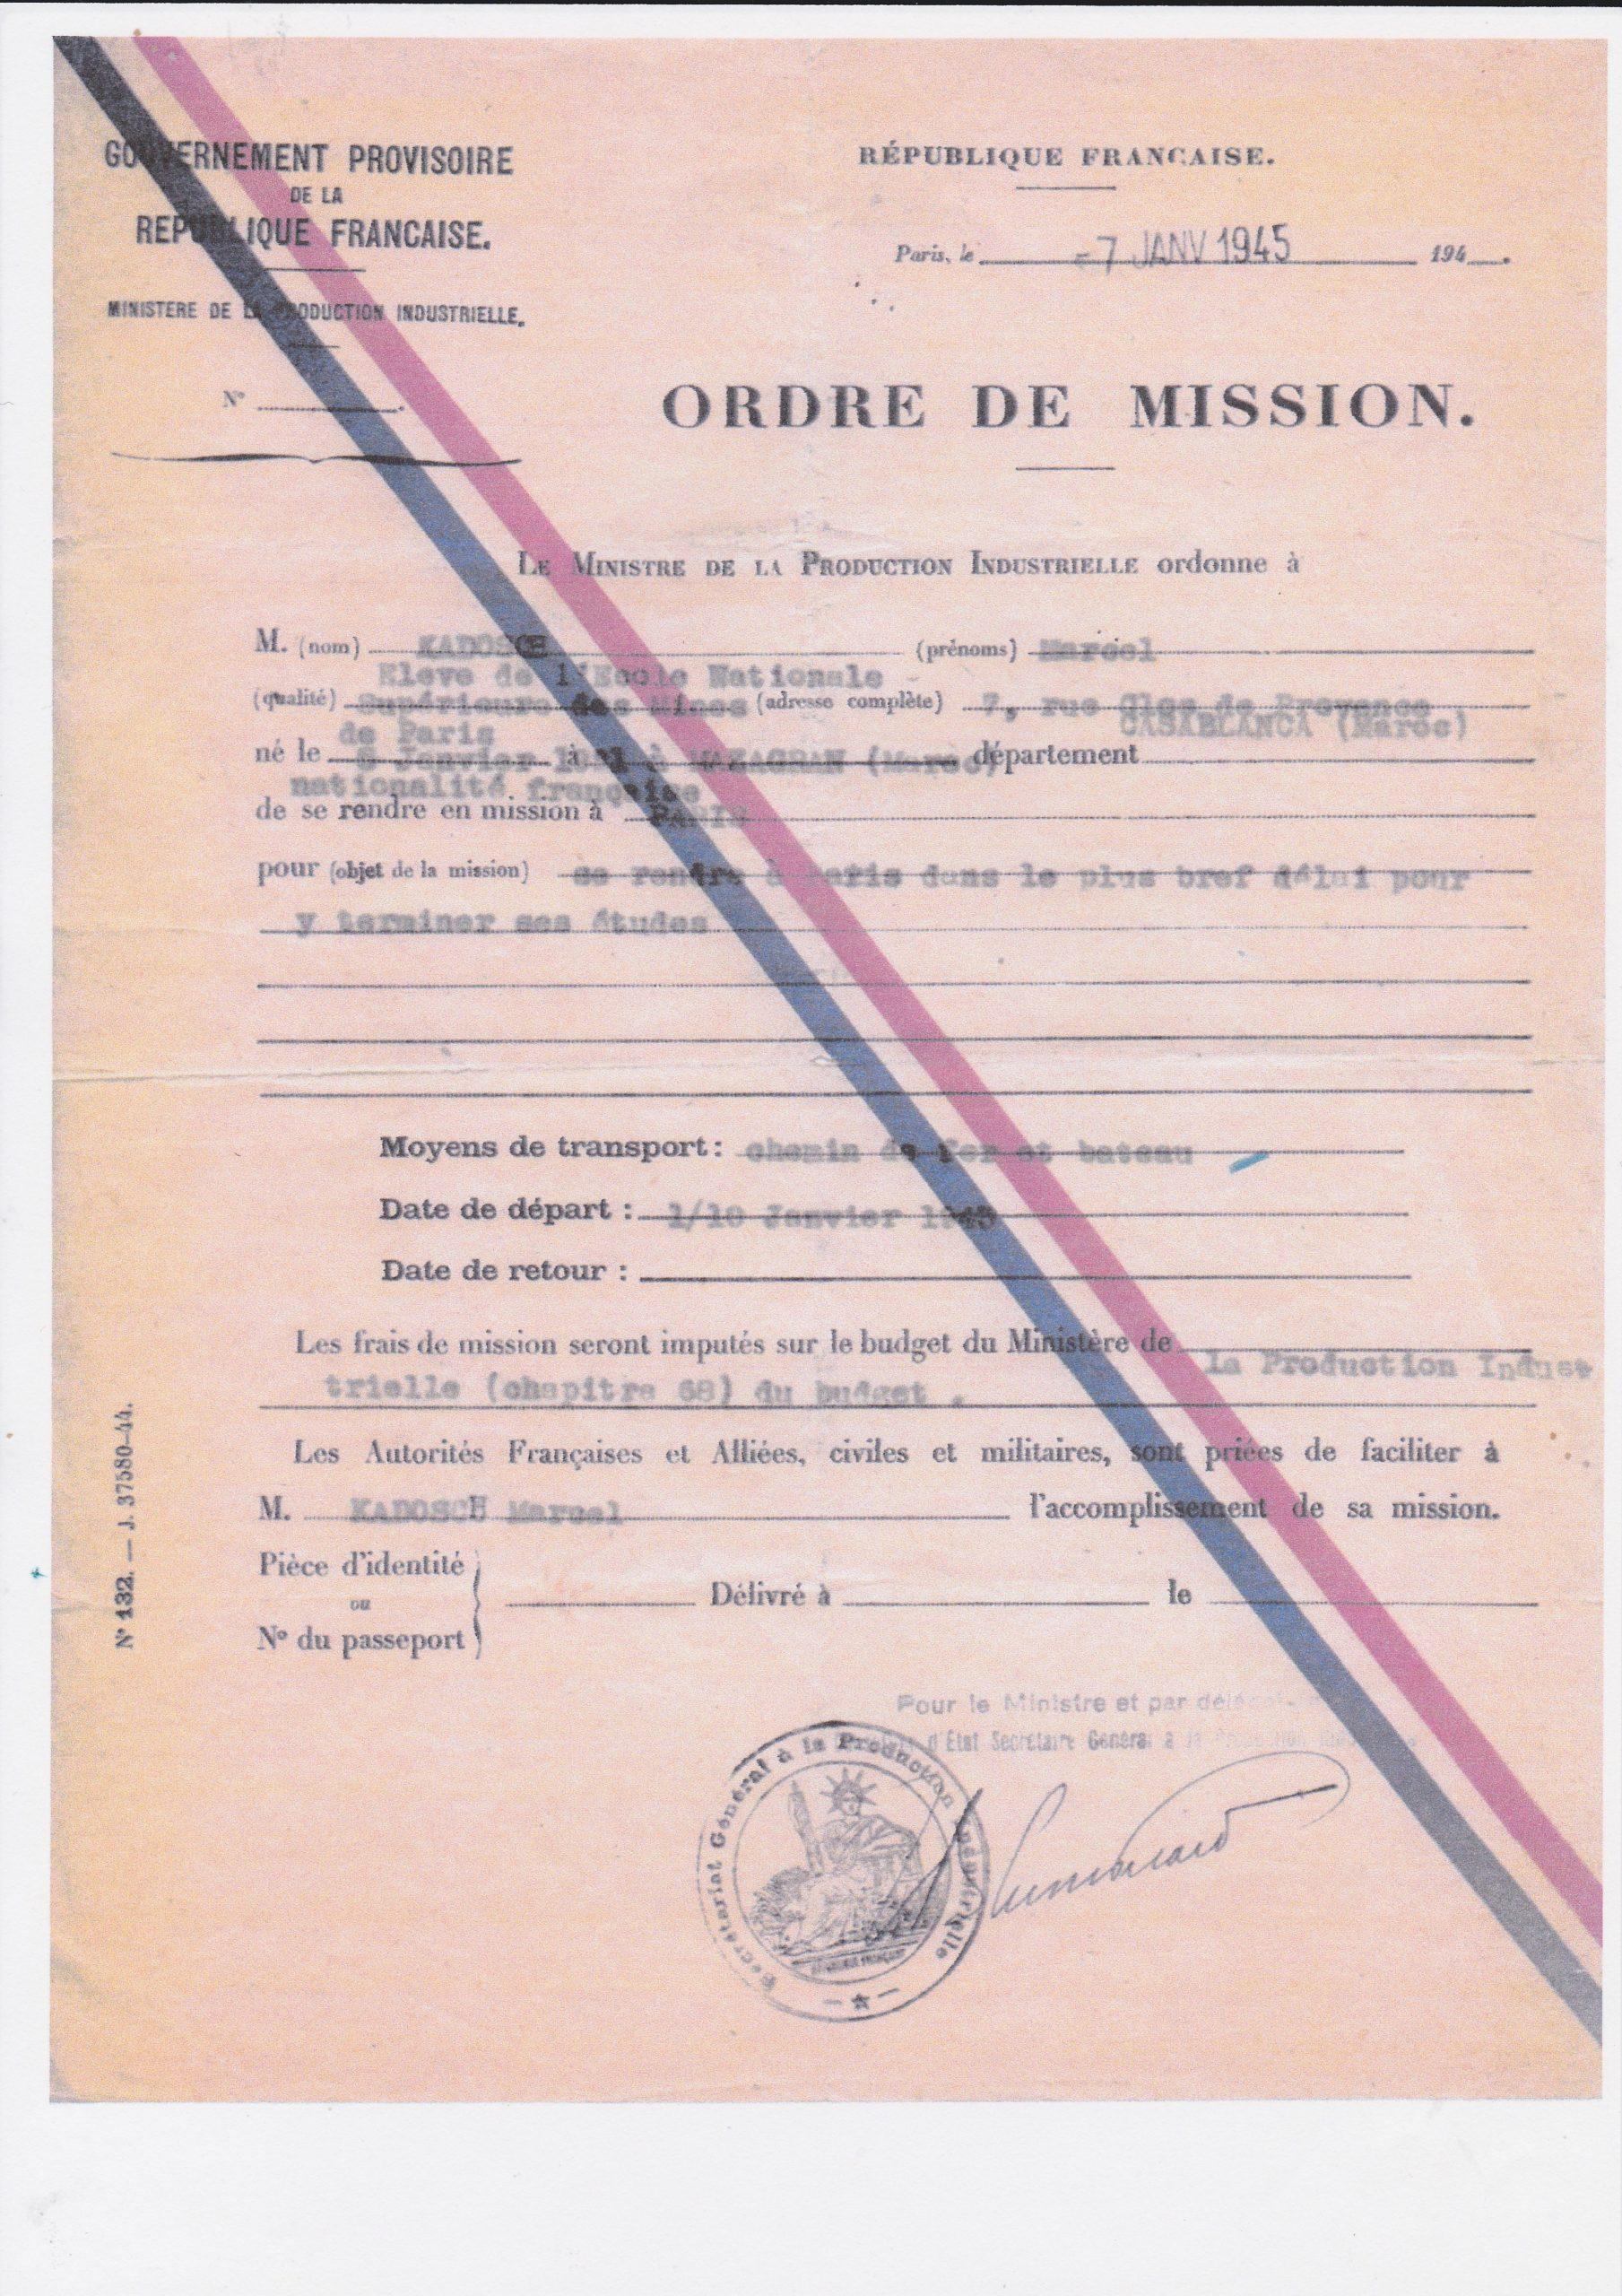 Ordre de mission du Ministère de la Production Industrielle